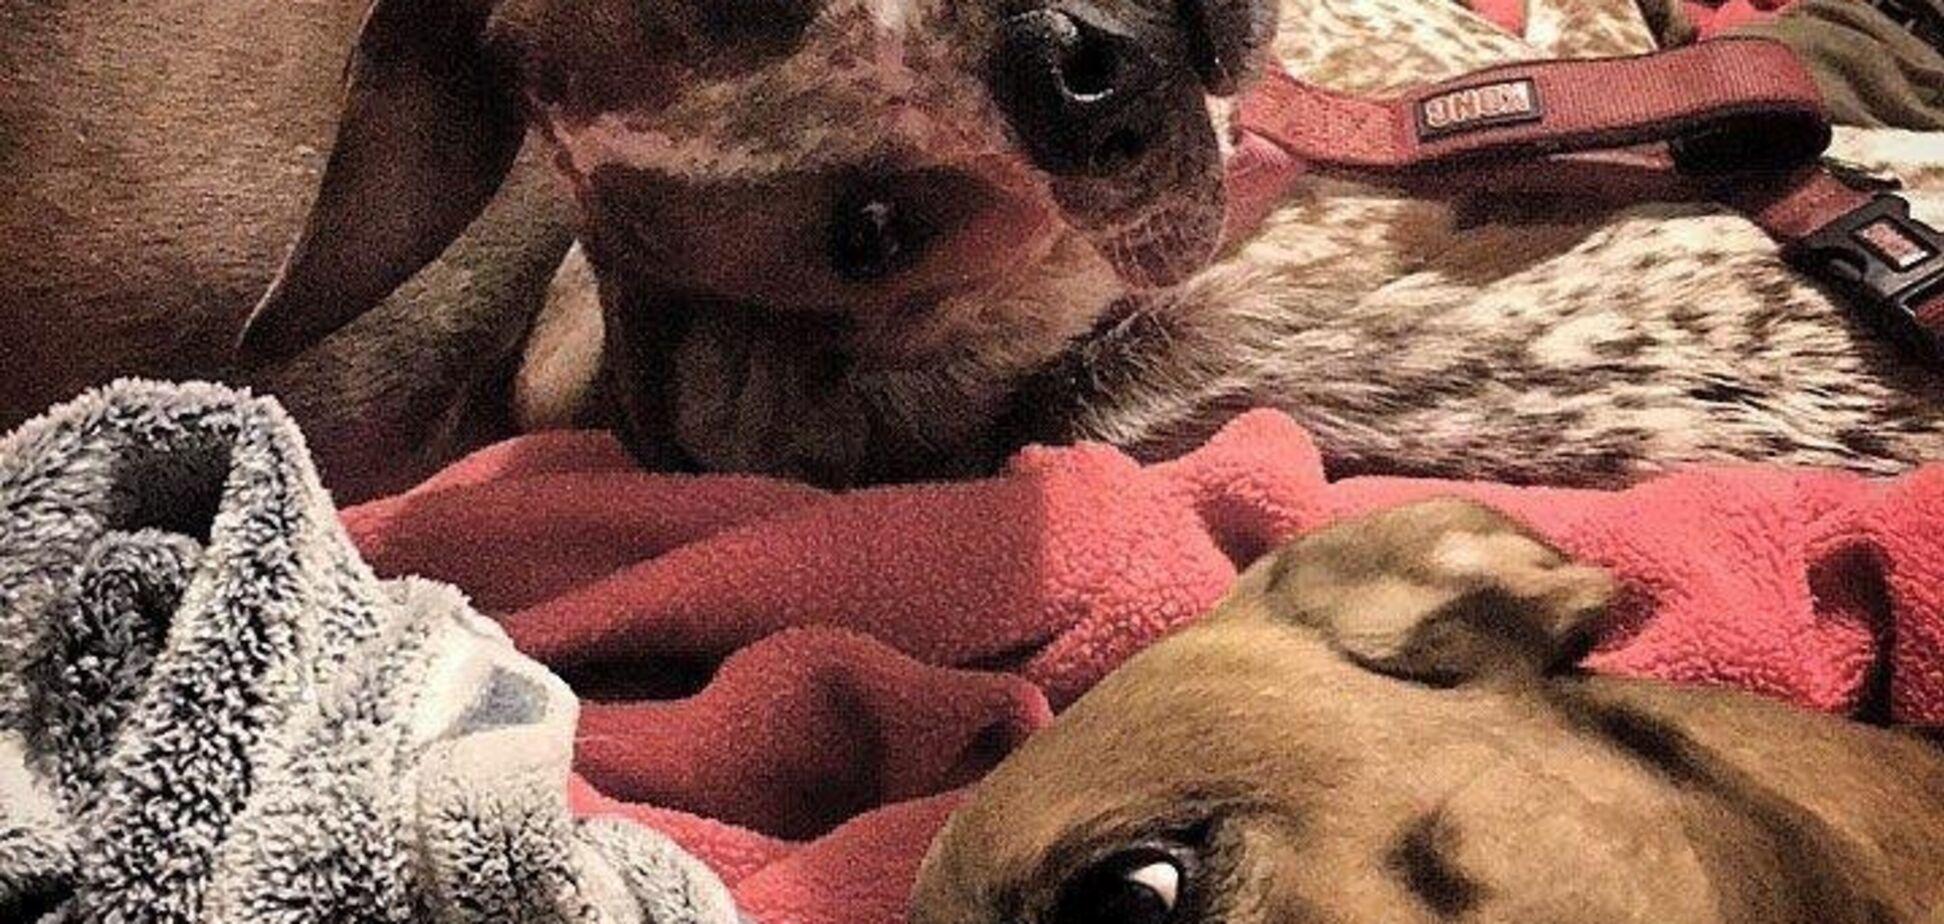 Що сталося з собакою? Дивовижна оптична ілюзія підкорила мережу